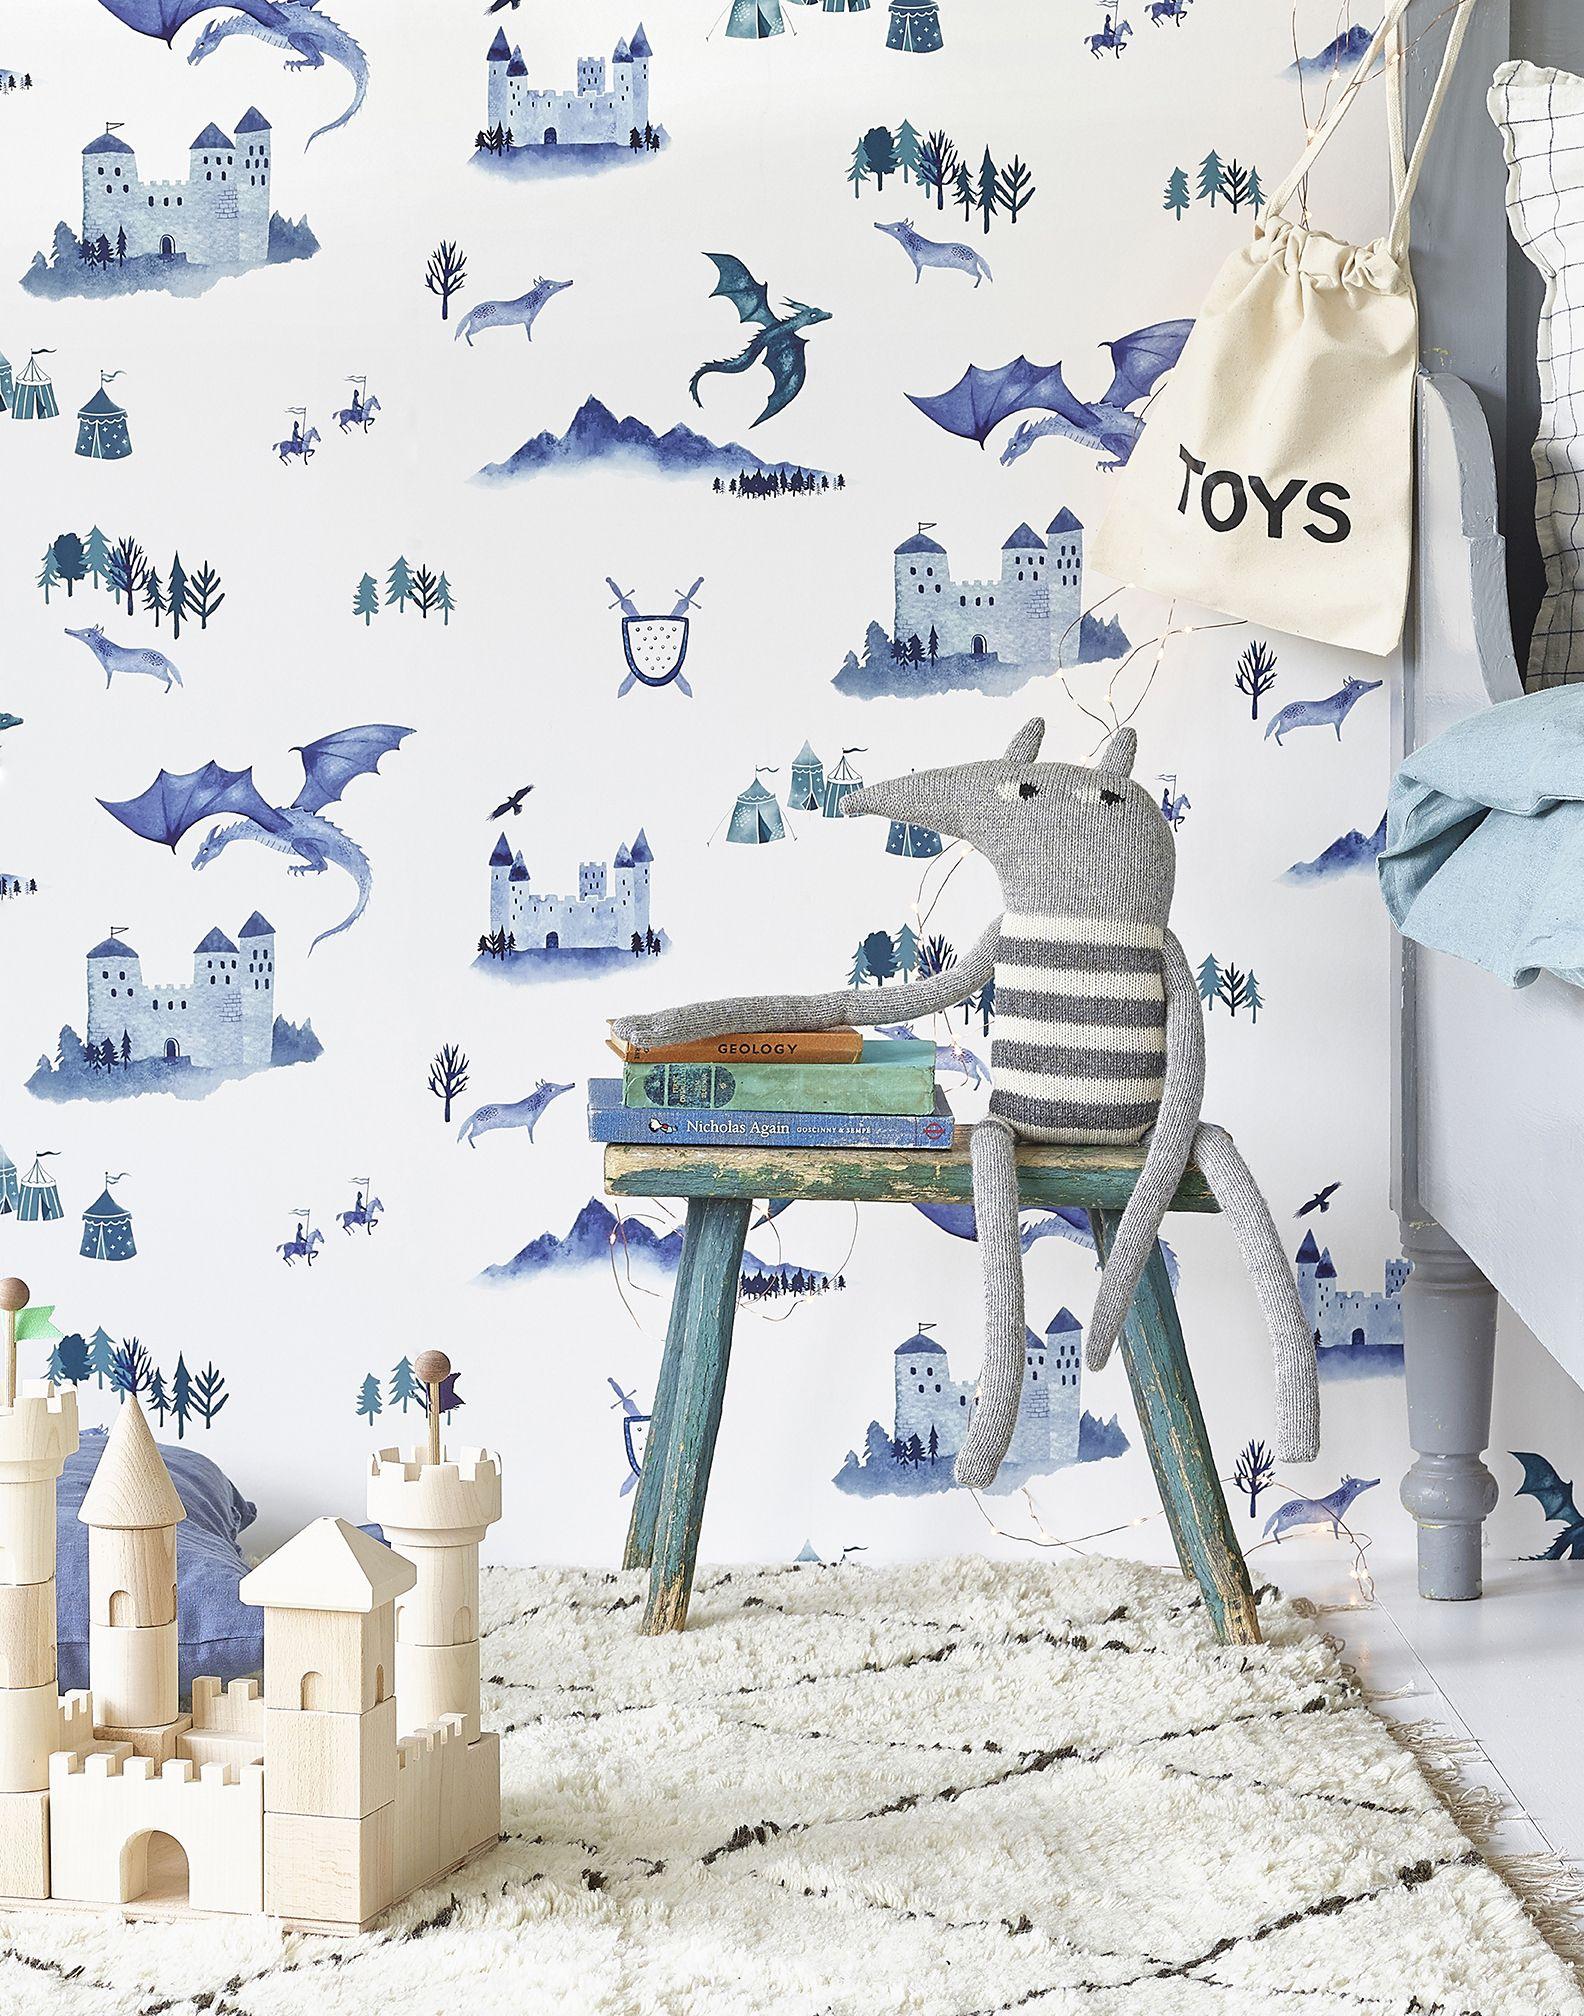 Papel pintado infantil con dibujos de castillos y dragones